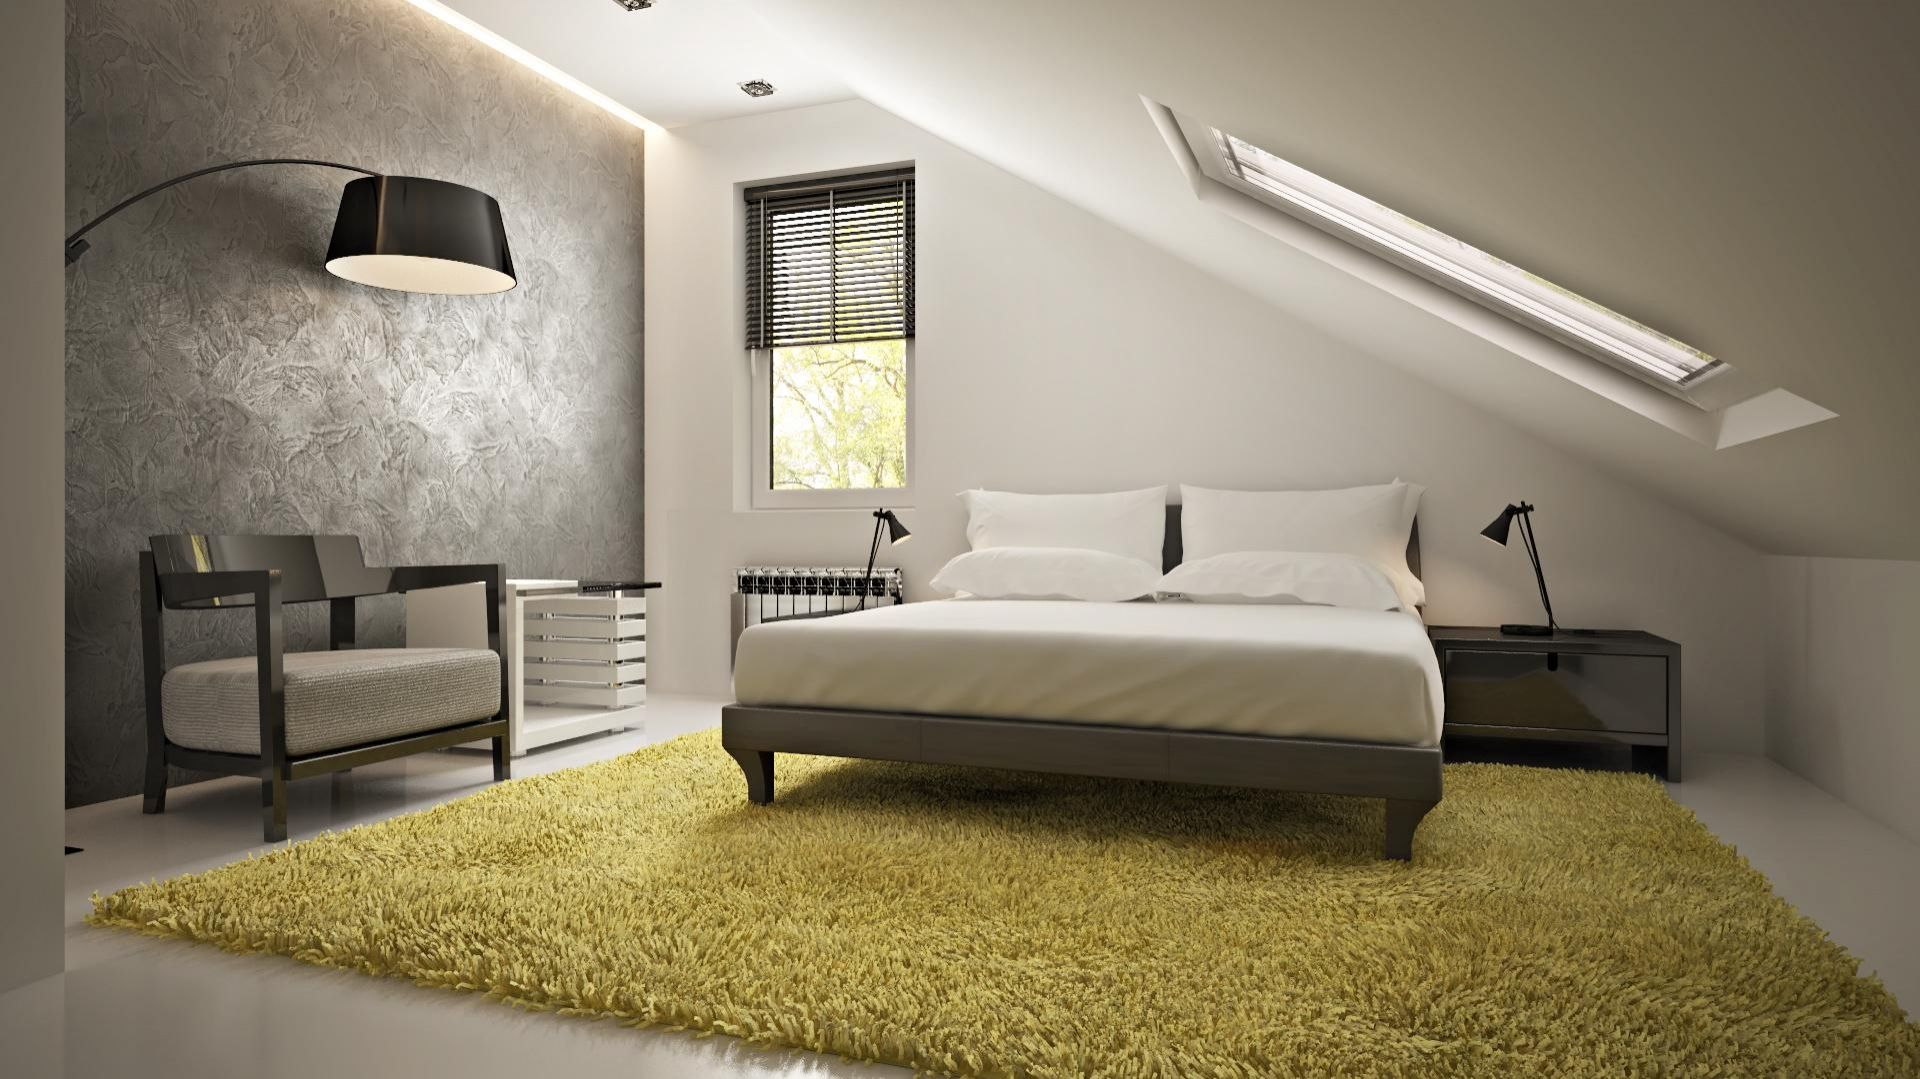 Urządzając sypialnię na poddaszu można ustawić łózko pod oknem dachowym. Umożliwi to podziwianie gwiazd przed zaśnięciem. Fot. Z500